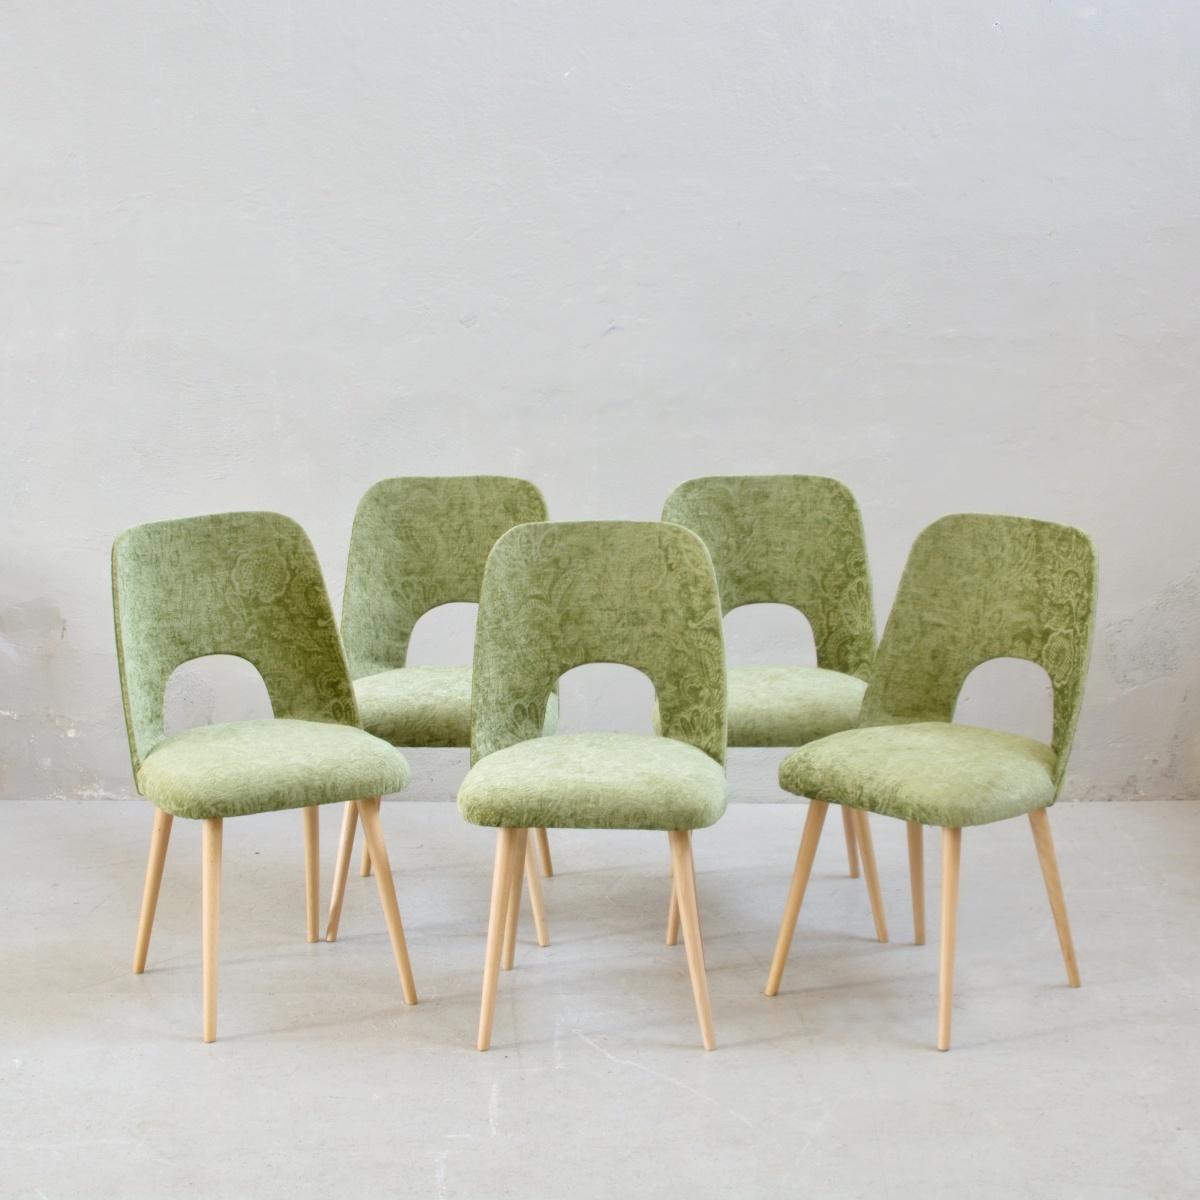 Prodej retro nábytku retro židle tatra